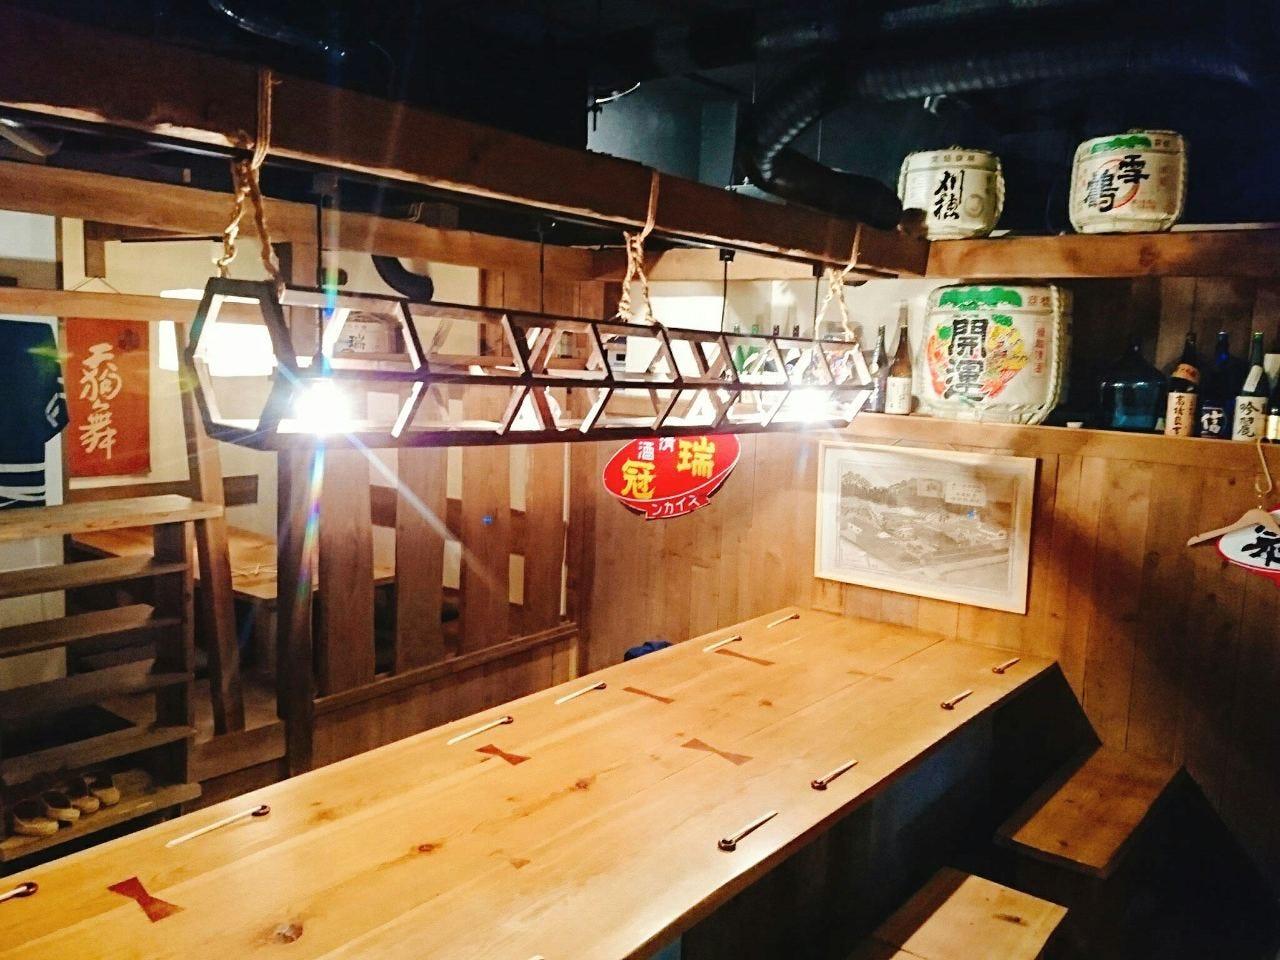 木目調で統一された明るい空間の店内